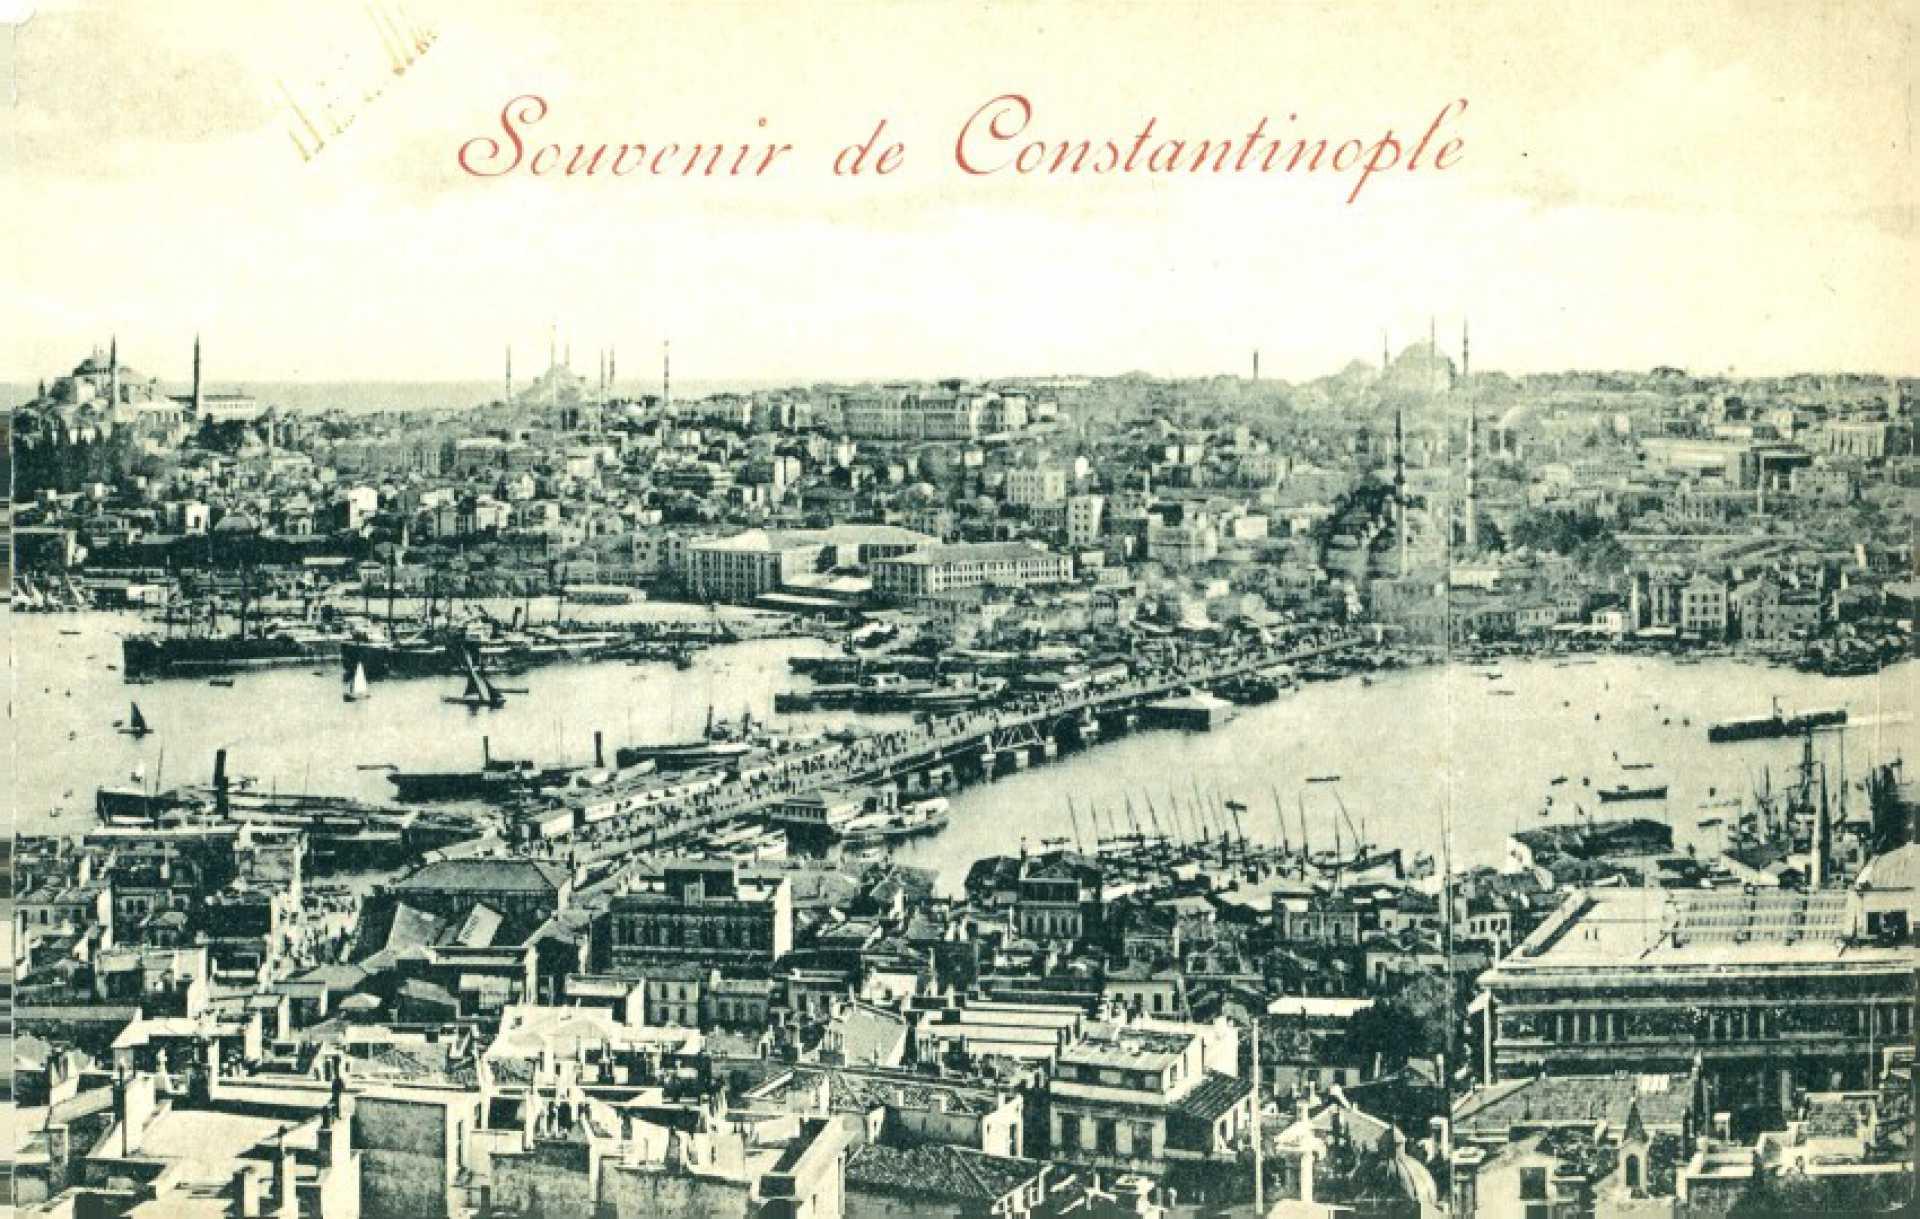 Souvenir de Constantinople (1)